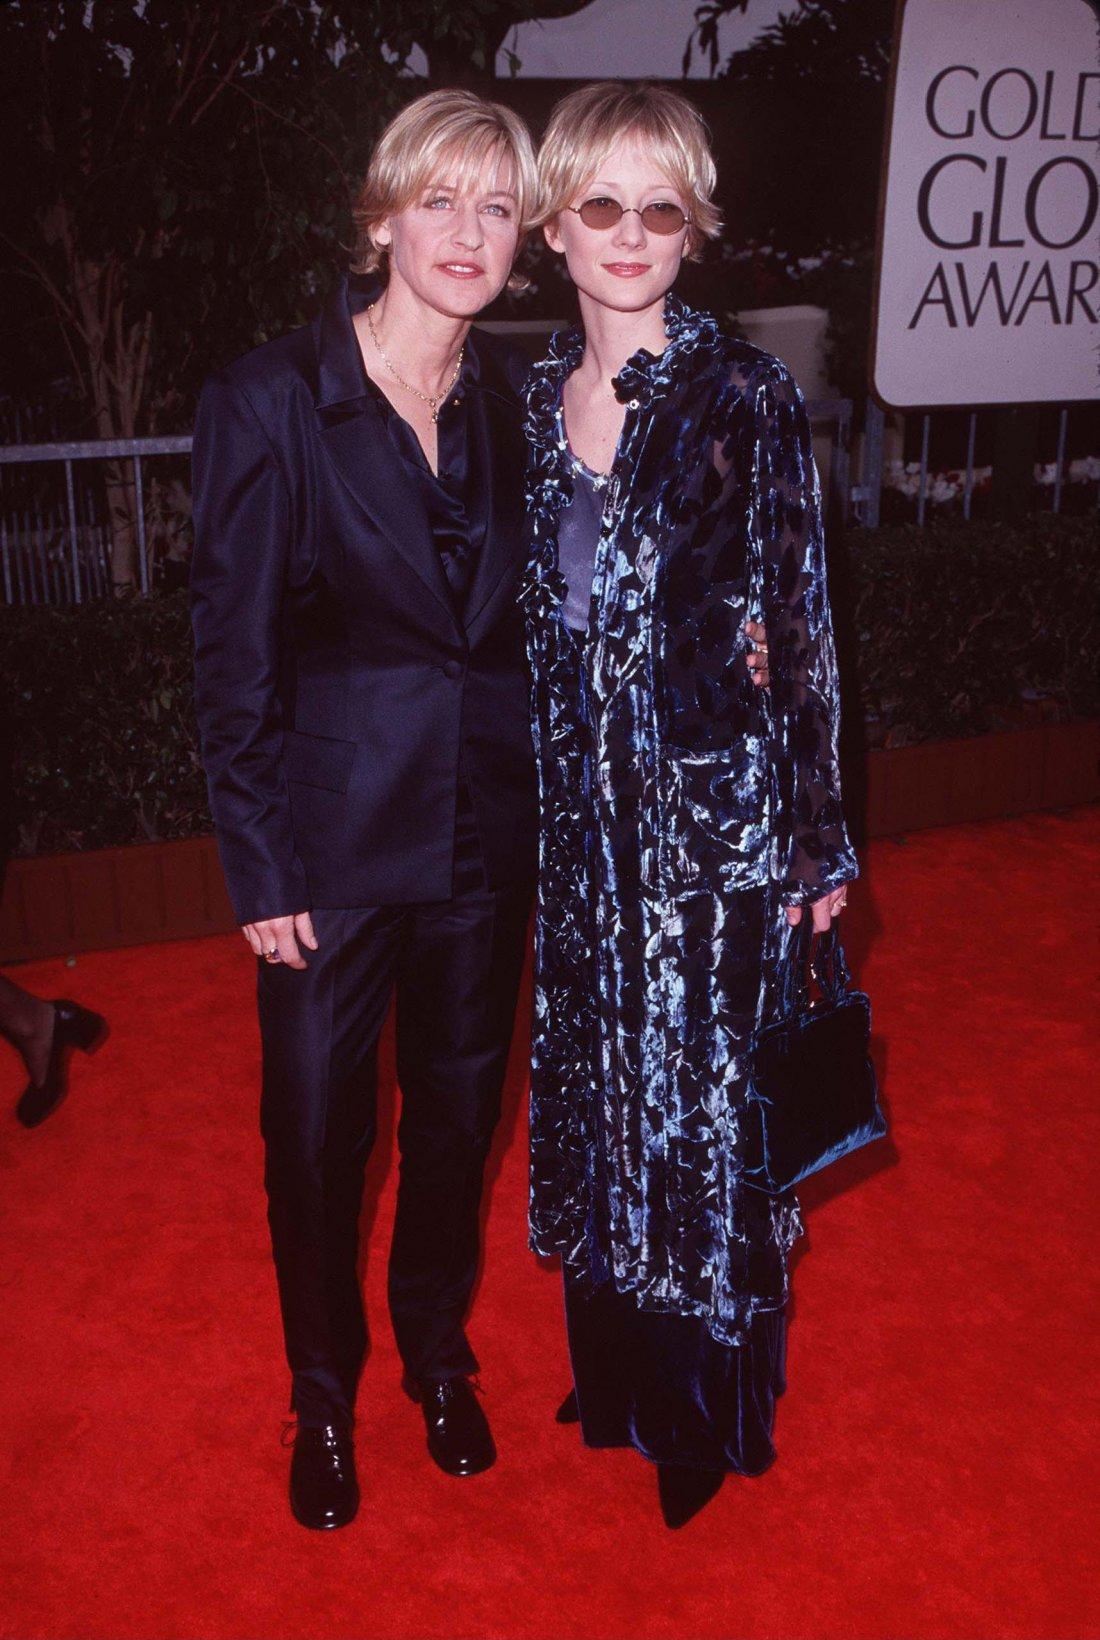 Ellen Degeneres Anne Heche 1998 Qfoo5Gu